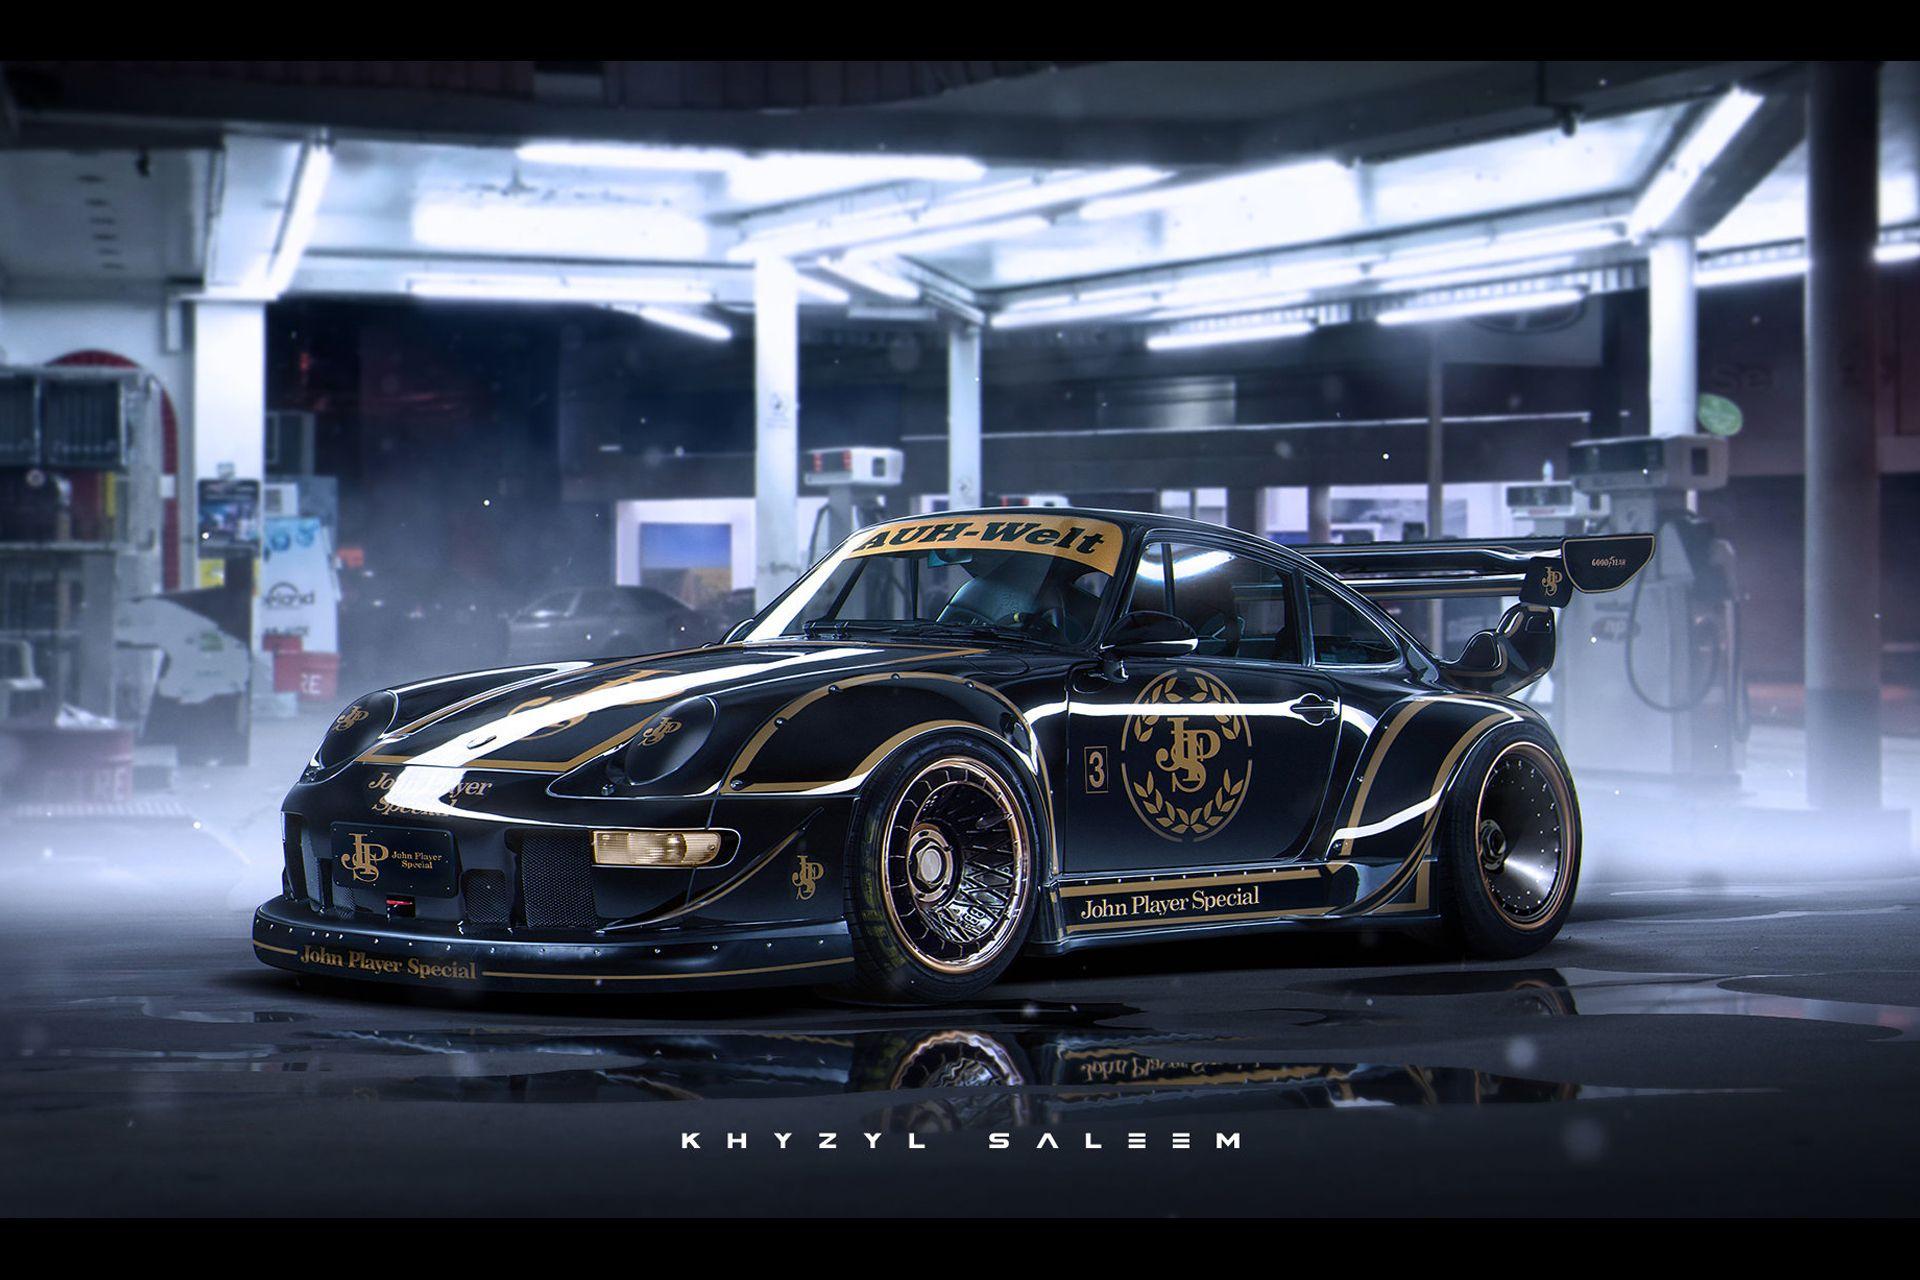 Johnny Player Special Porsche 997 1920—1280